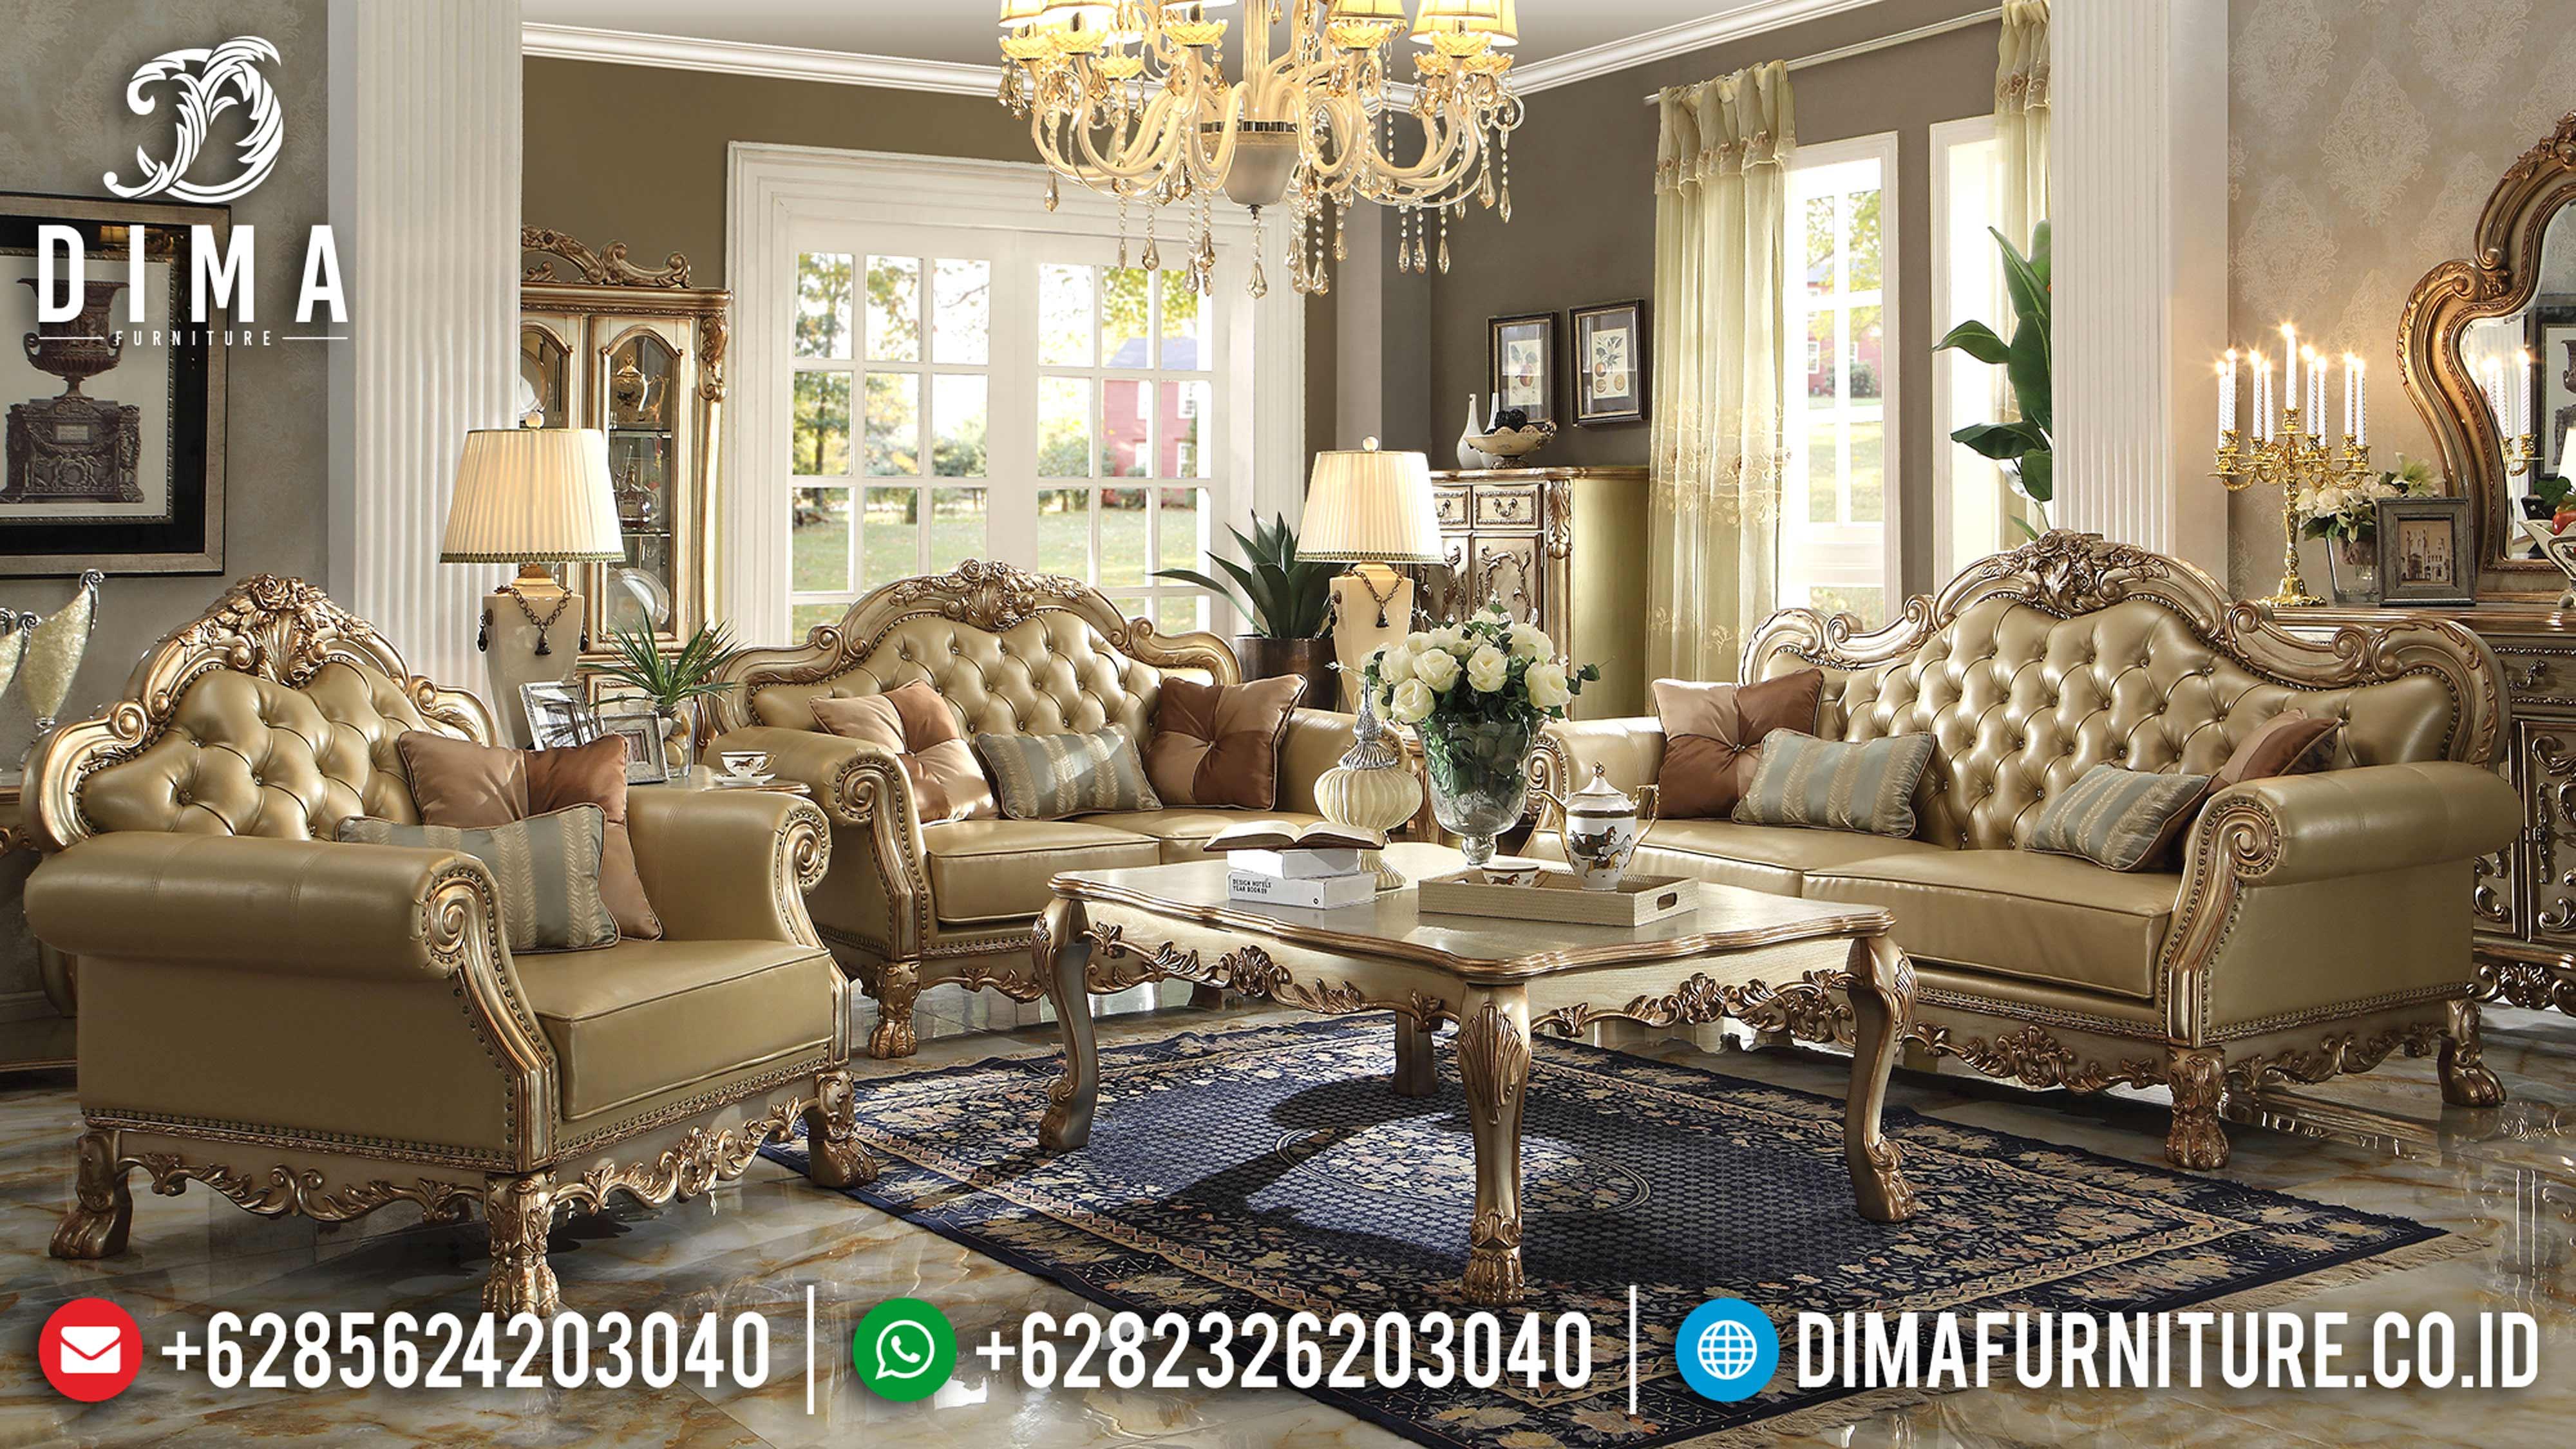 Sofa Tamu Jepara Mewah Model Classic Elegan Royal Terbaru DF-0580